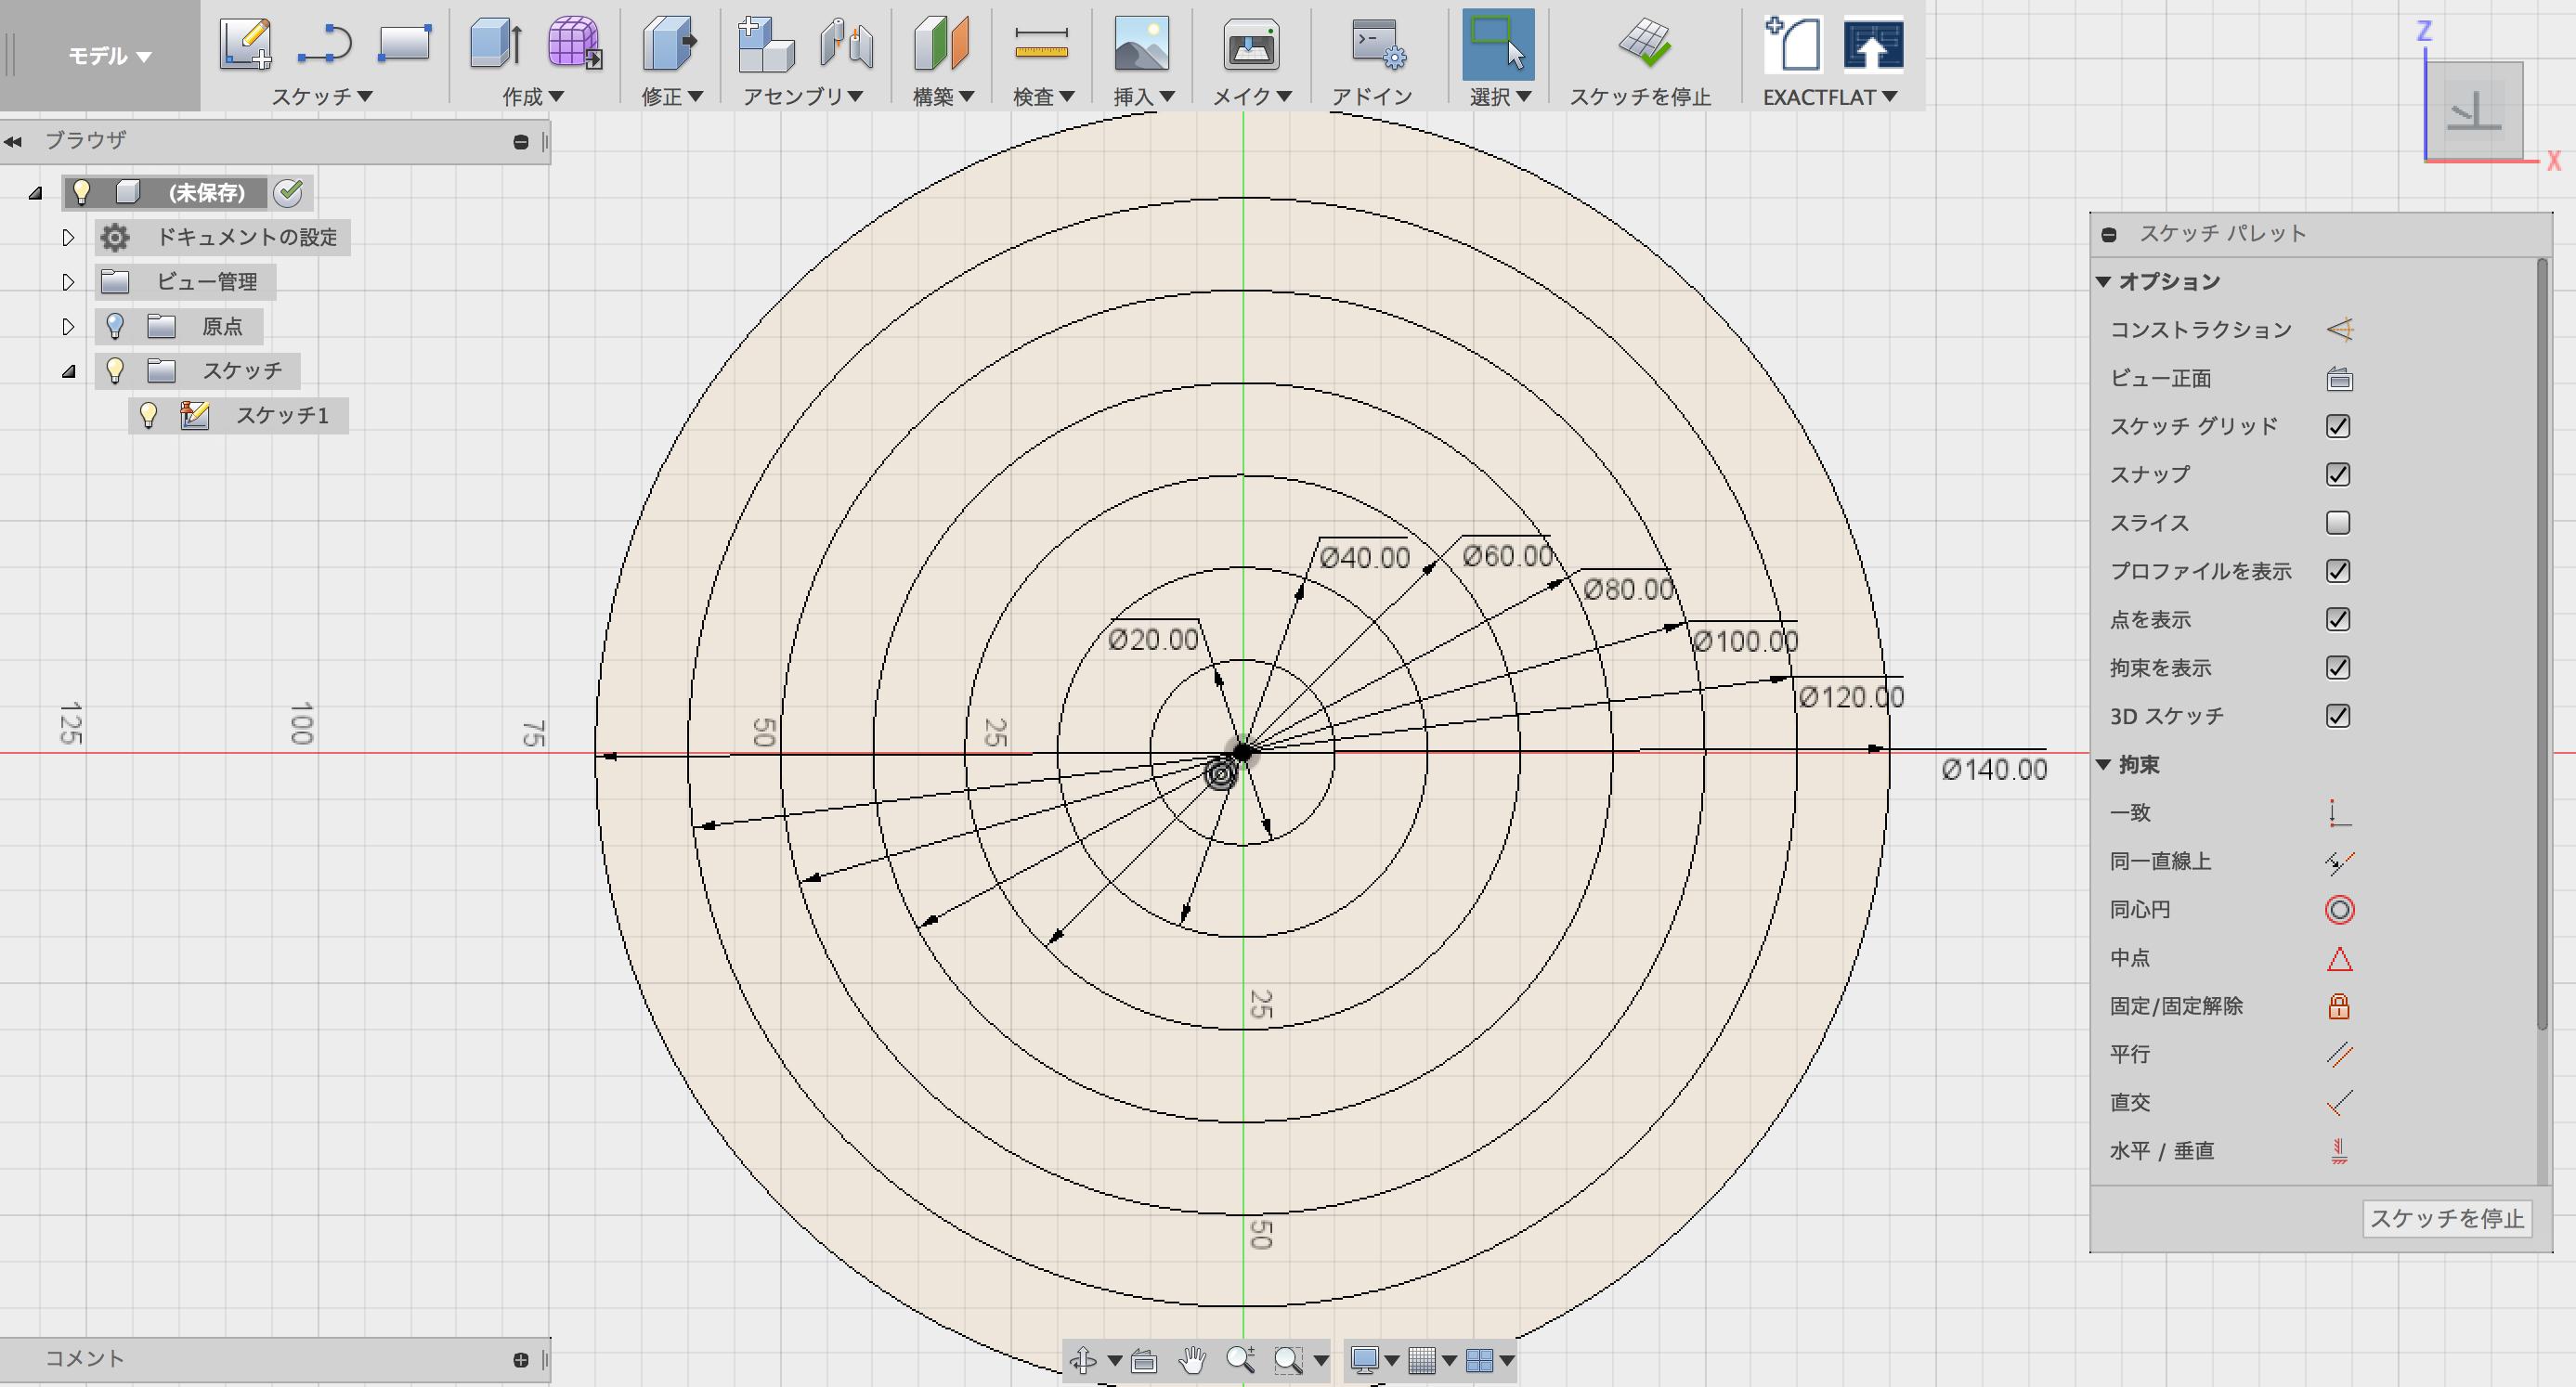 中心と直径で指定した円で、多重に重なる円を描く